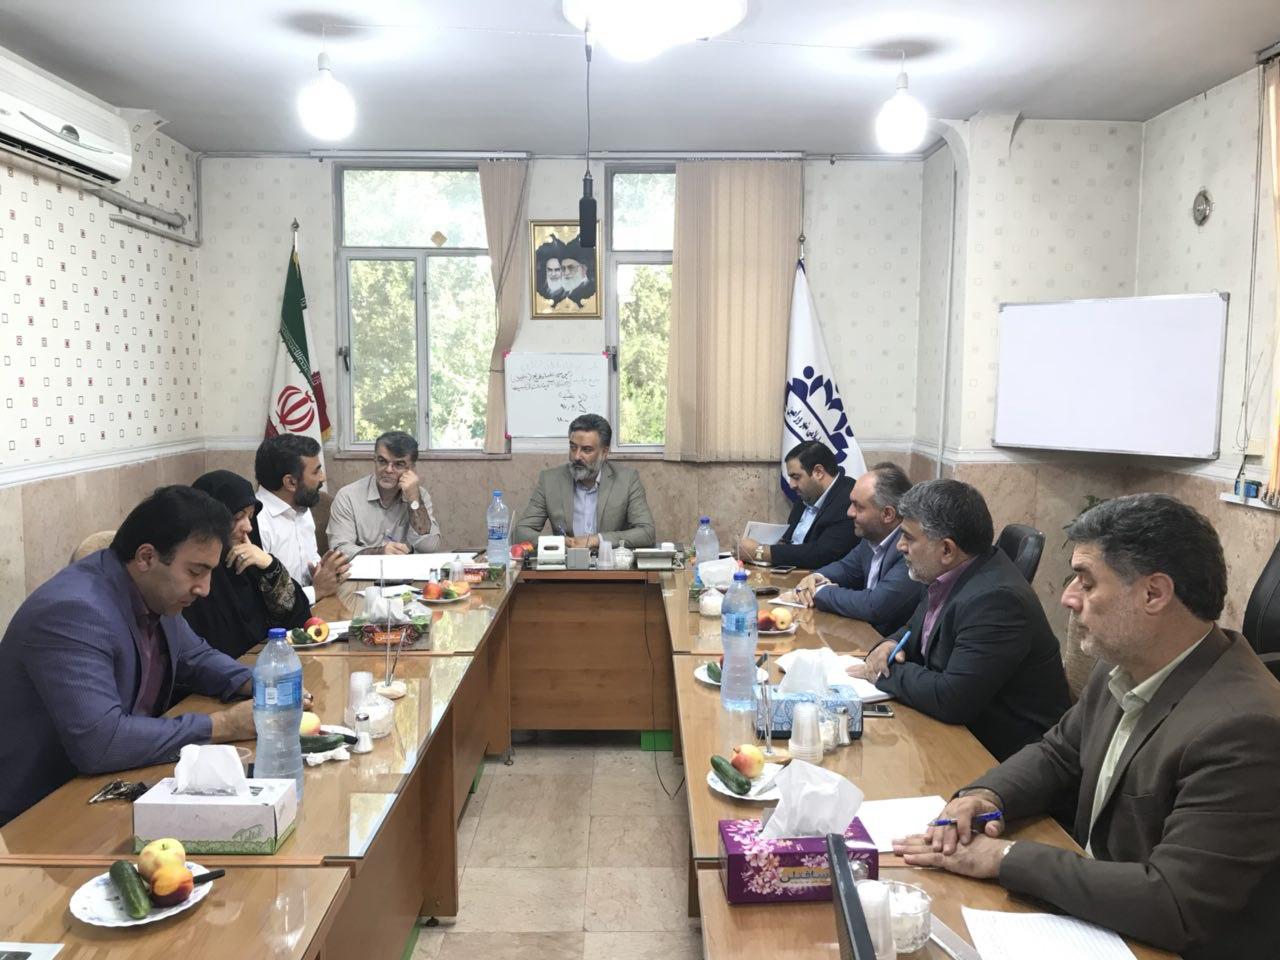 روسای کمیسیون های شورای اسلامی شهر ورامین مشخص شد